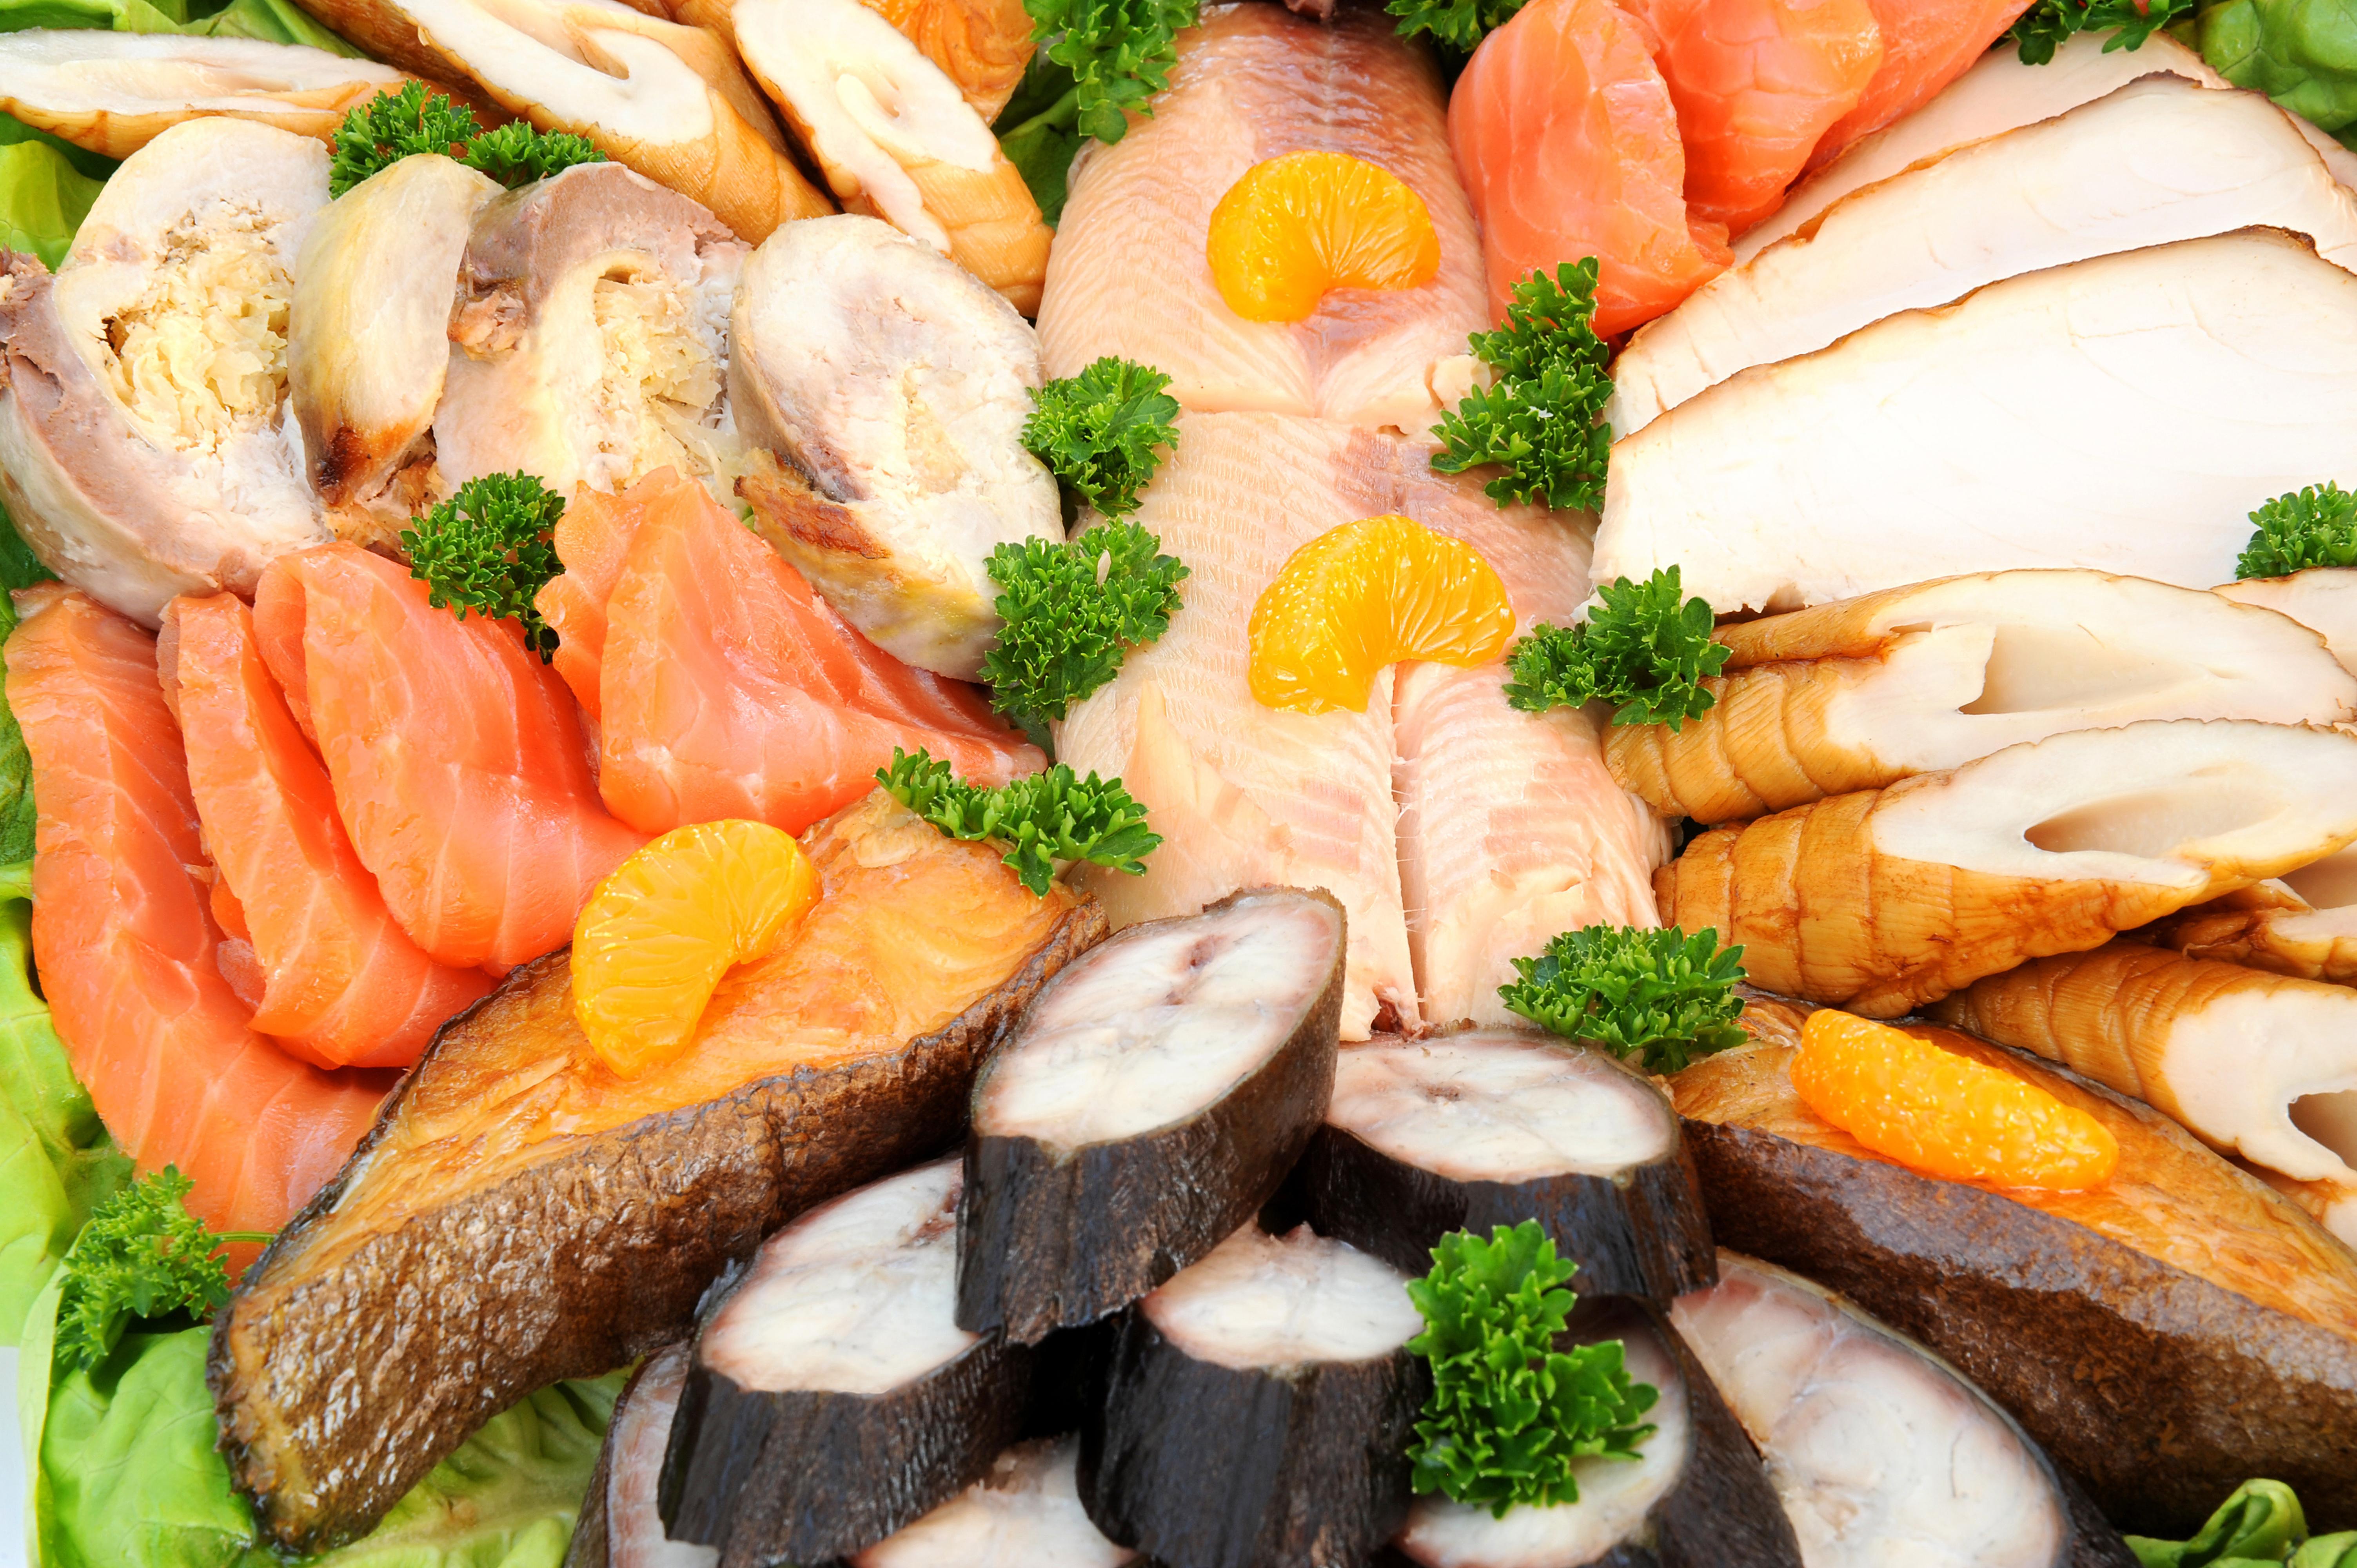 Для Похудения Морепродукты. Морепродукты помогают похудеть